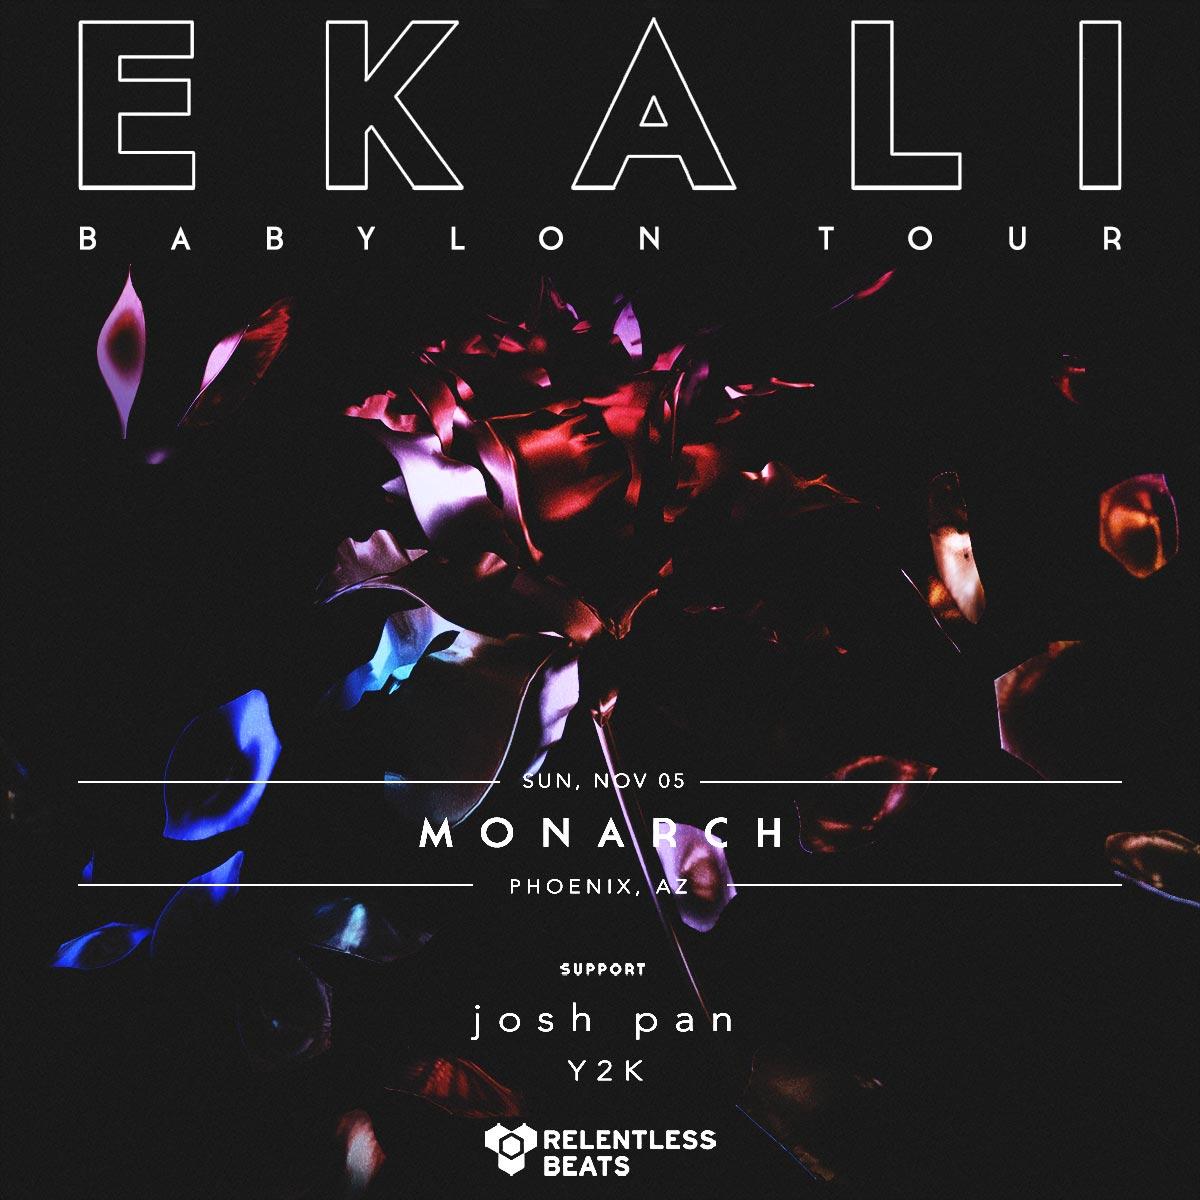 Flyer for Ekali - Babylon Tour